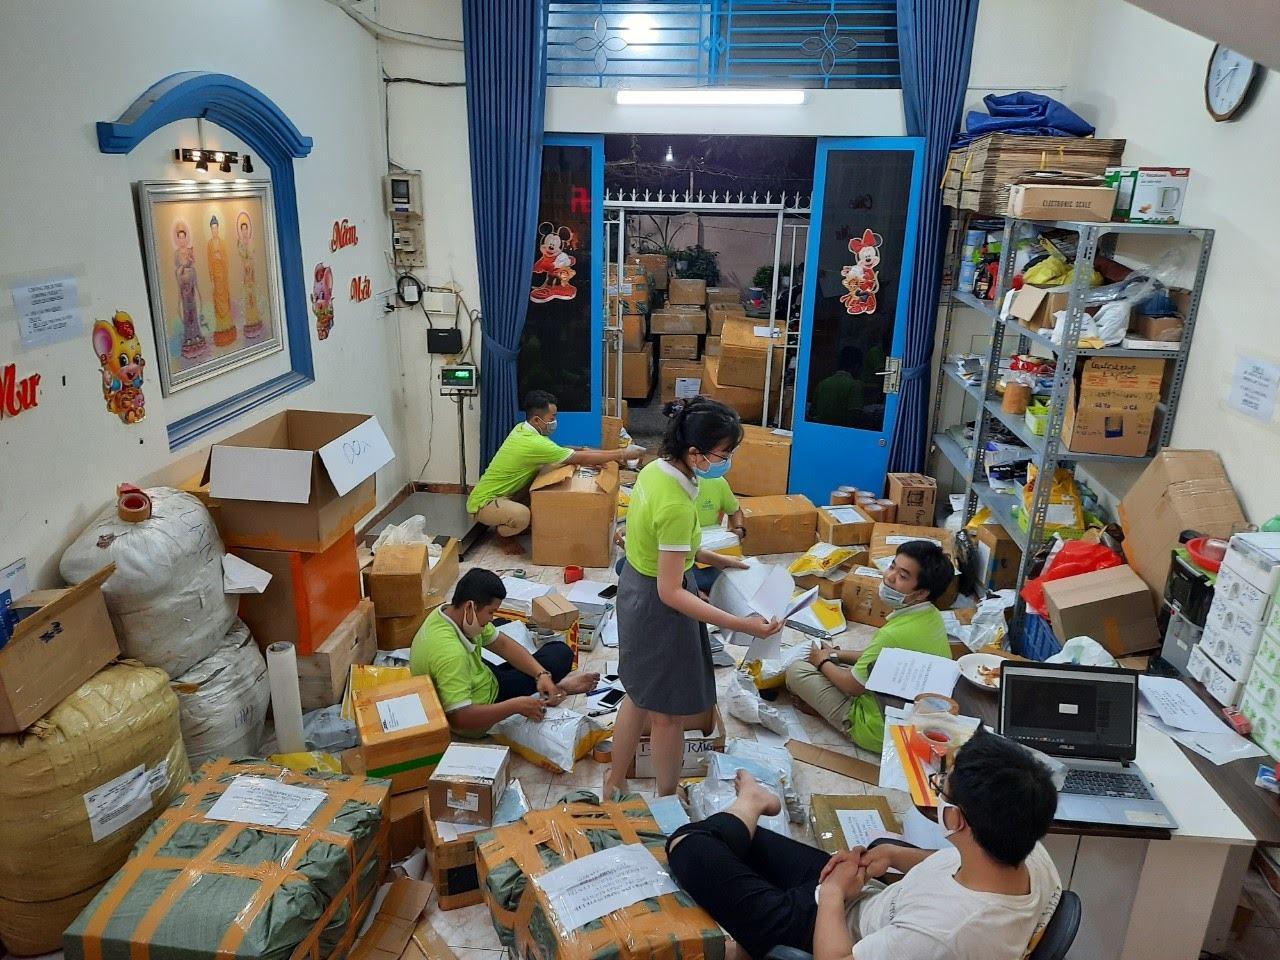 Gateway mang đến sự hài lòng, yên tâm với dịch vụ vận chuyển hàng đi Mỹ tại Việt Nam